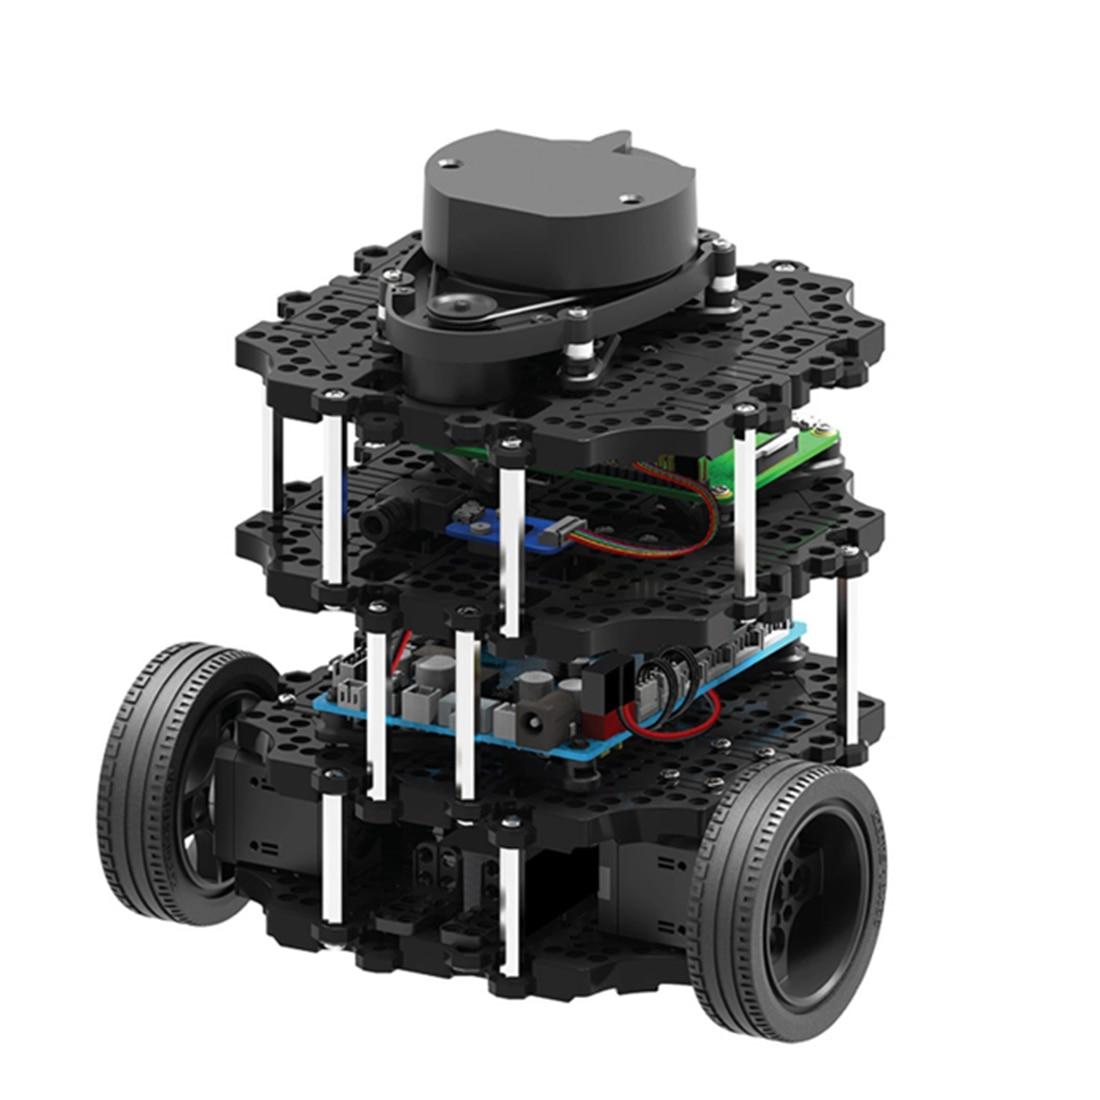 Programmable-Toys Robot ROS Pi3-Kit Kids Car SLAM for Adults Gift Turtlebot3-Burger Navigation